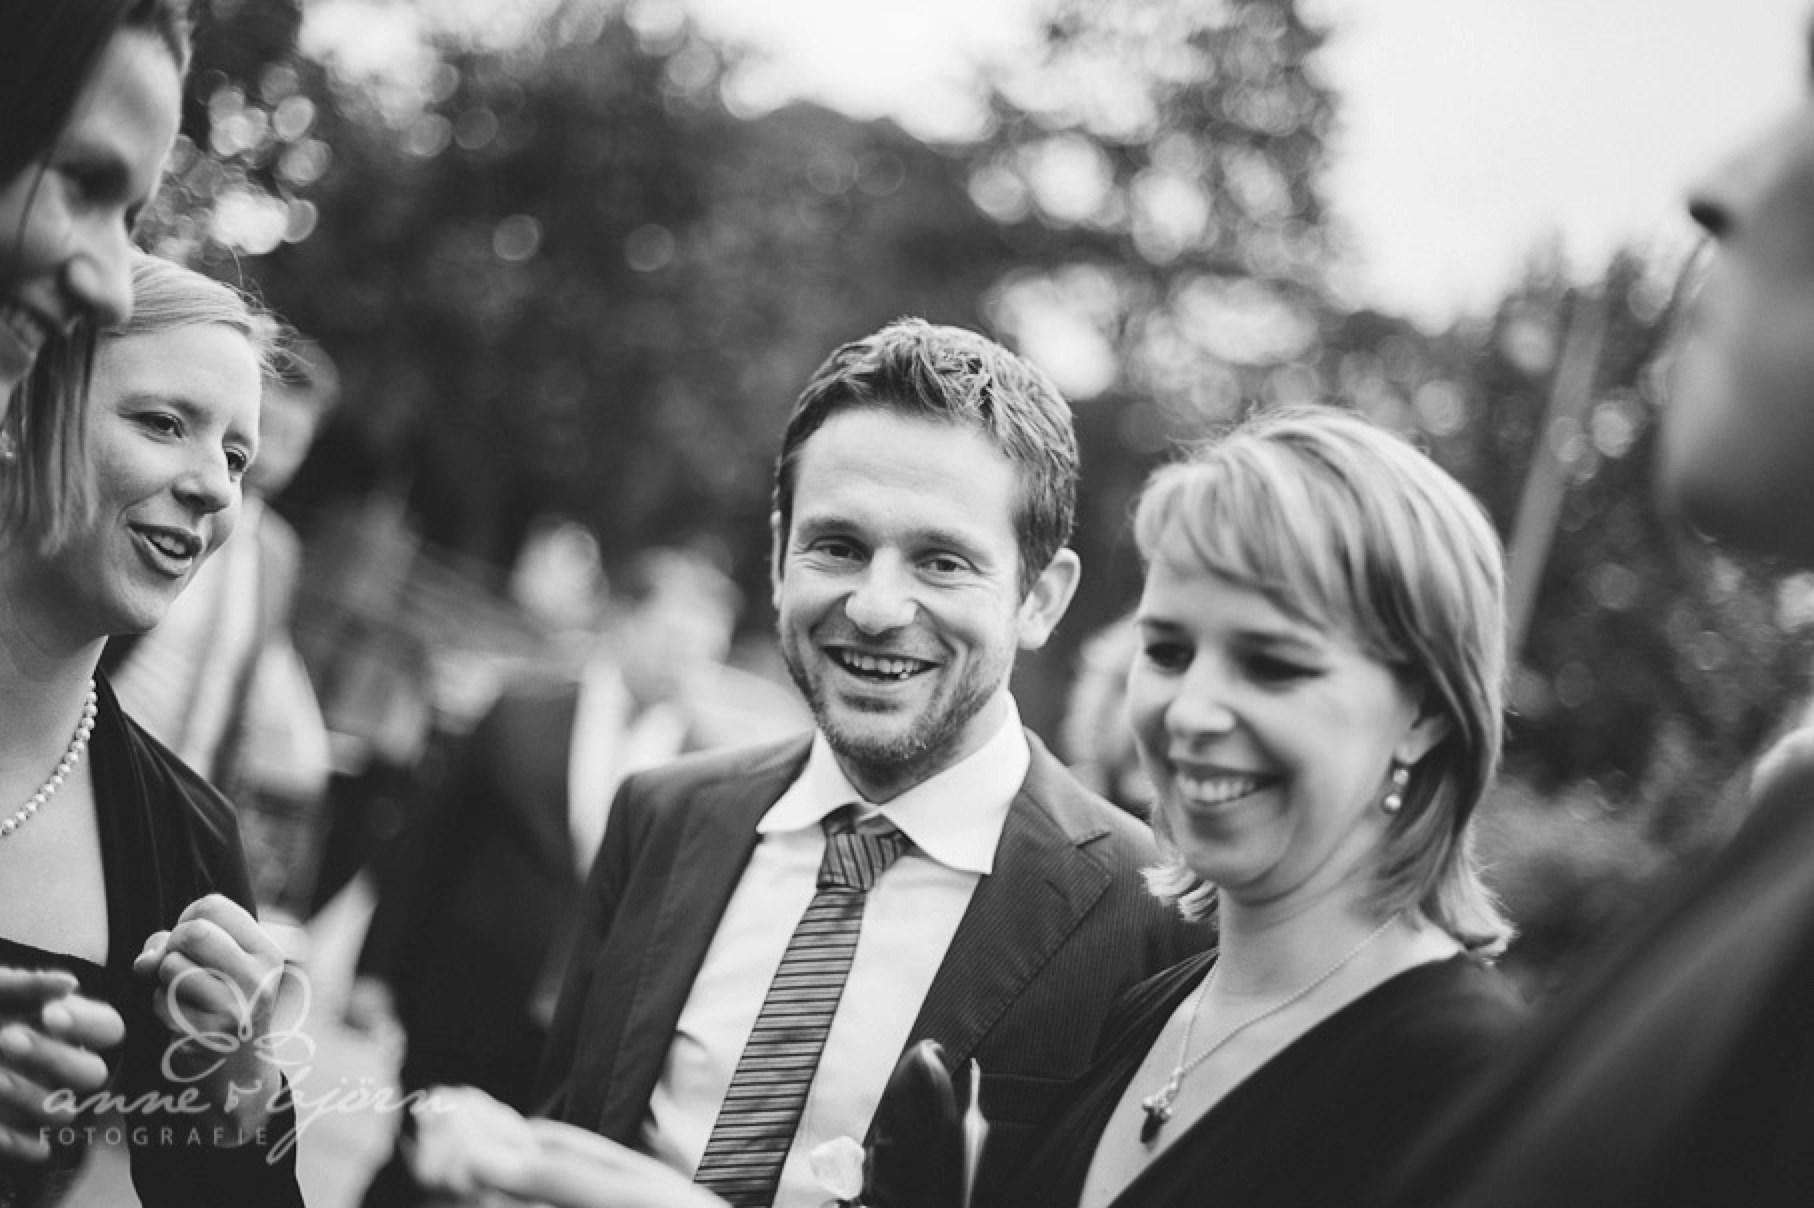 0065 cup aub 21832 1 - Conny und Philipp - Hochzeit im Hotel Waldhof auf Herrenland